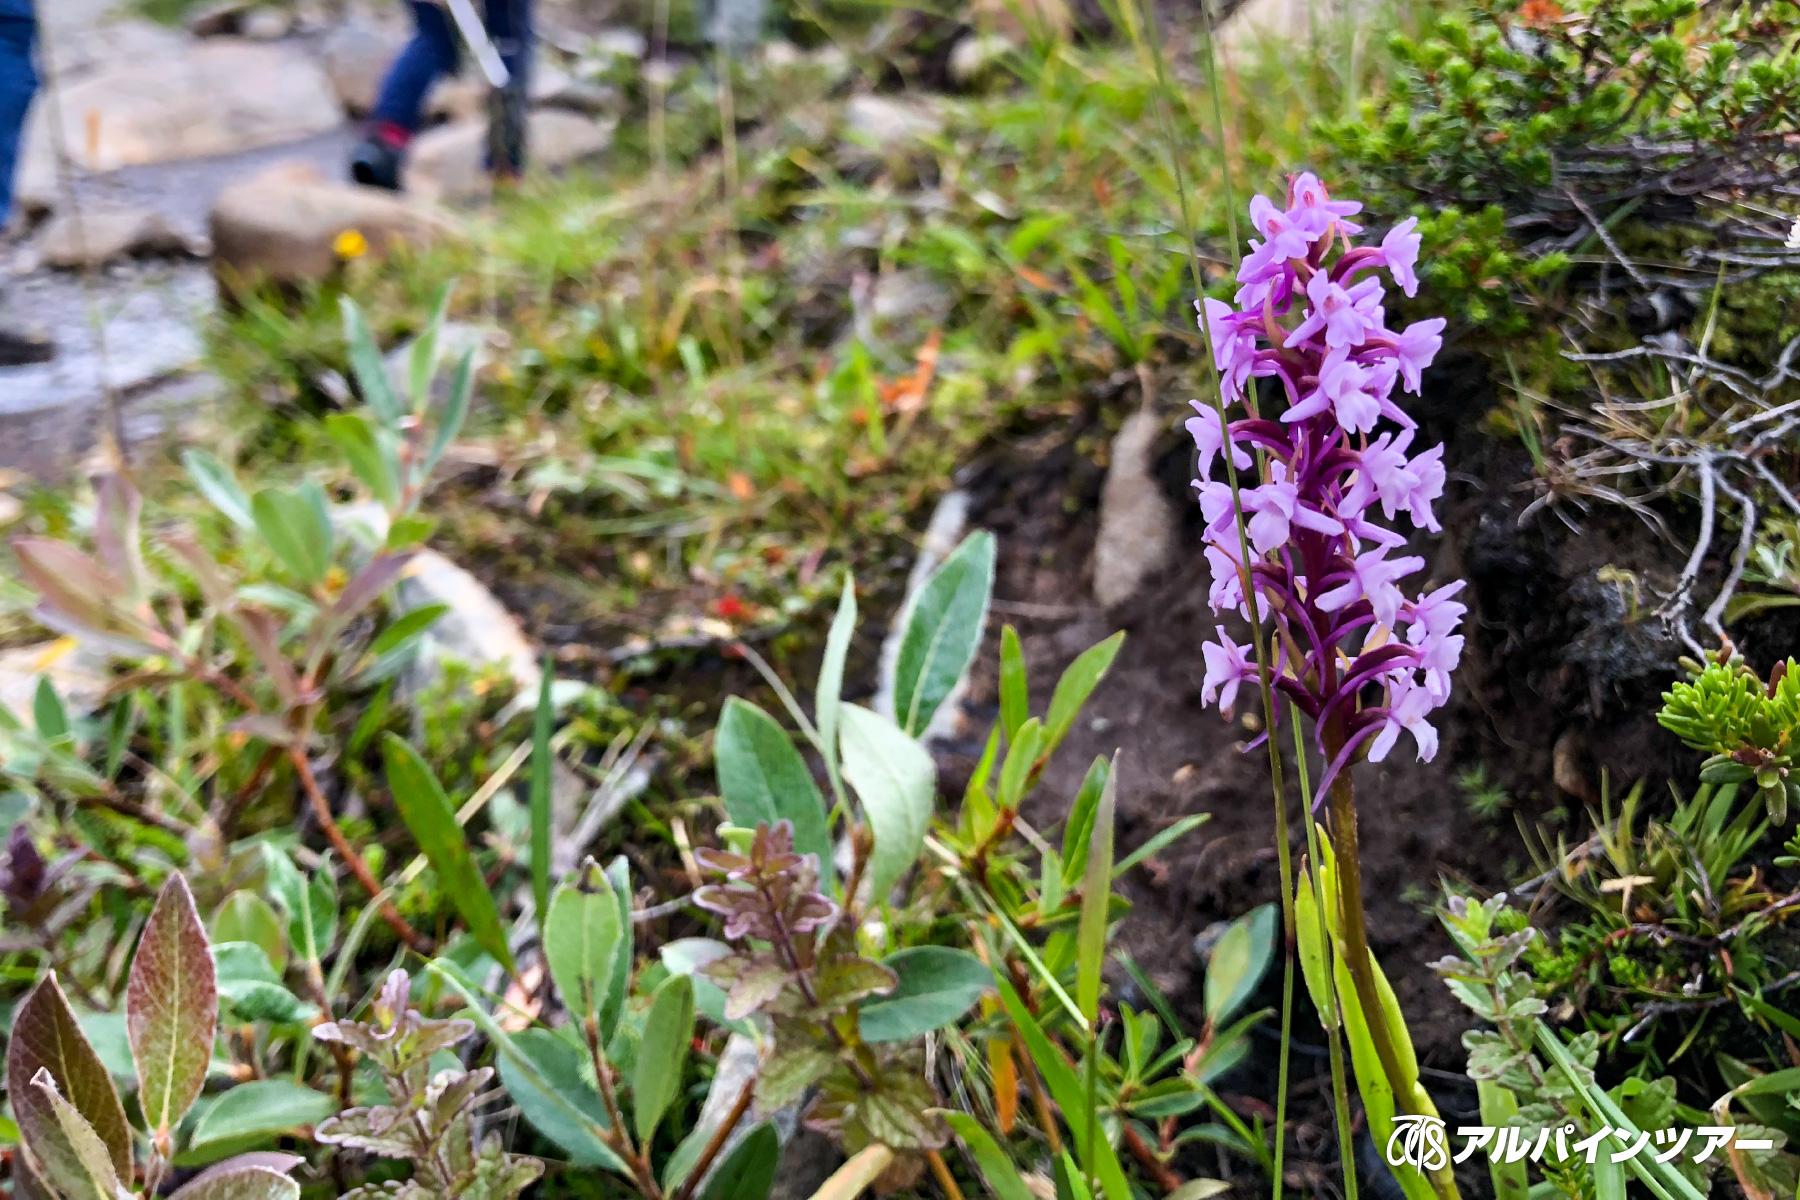 【今日の花】 テガタチドリ